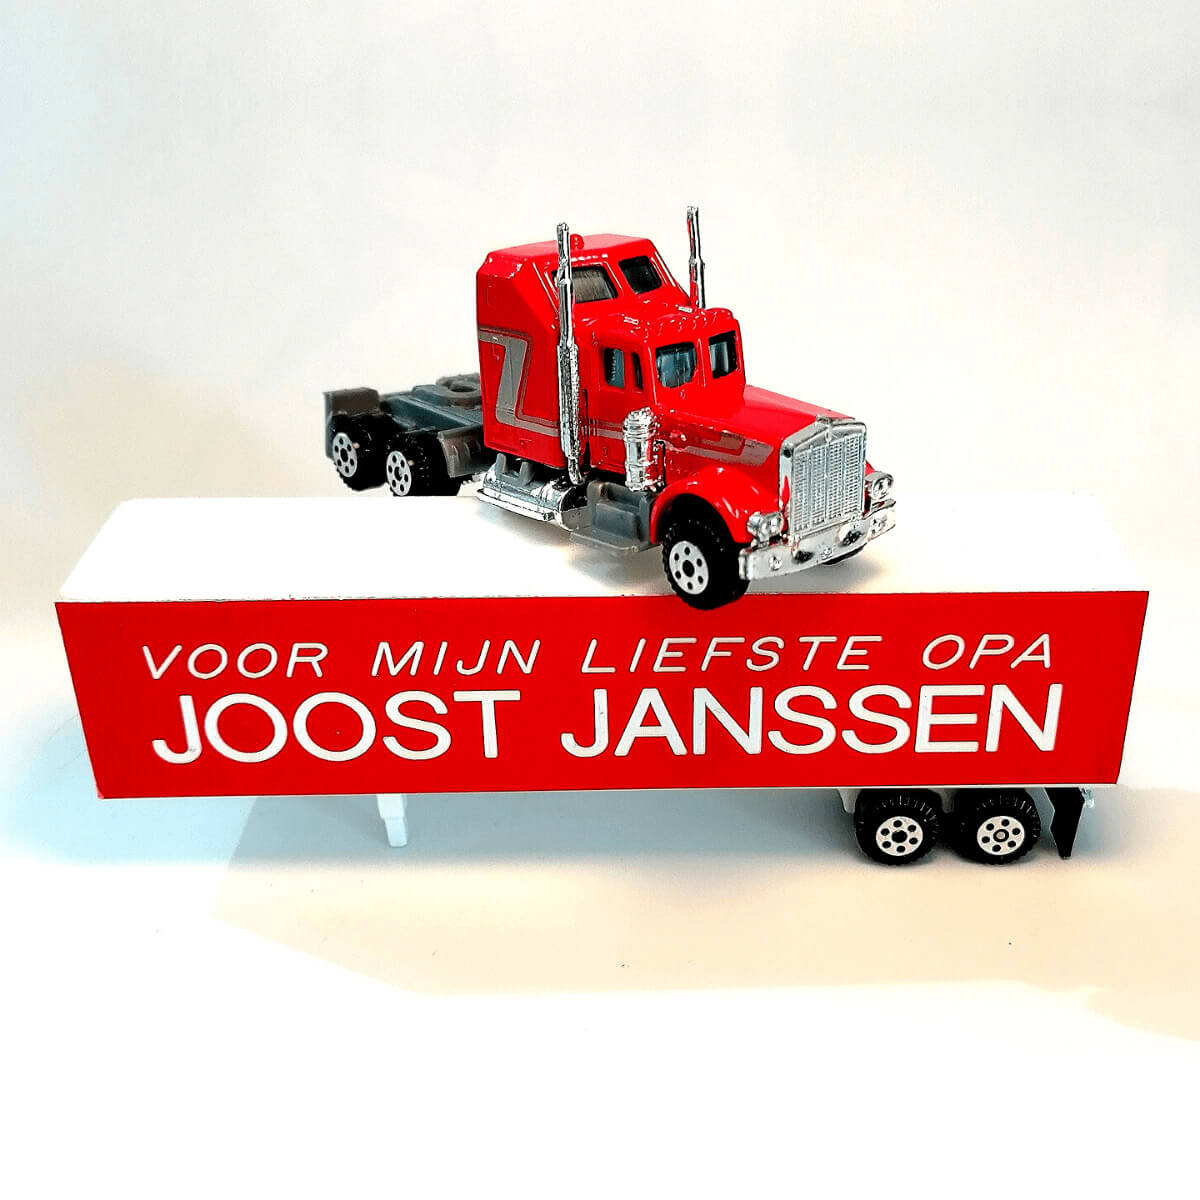 Miniatuur truck met naam en / of tekst